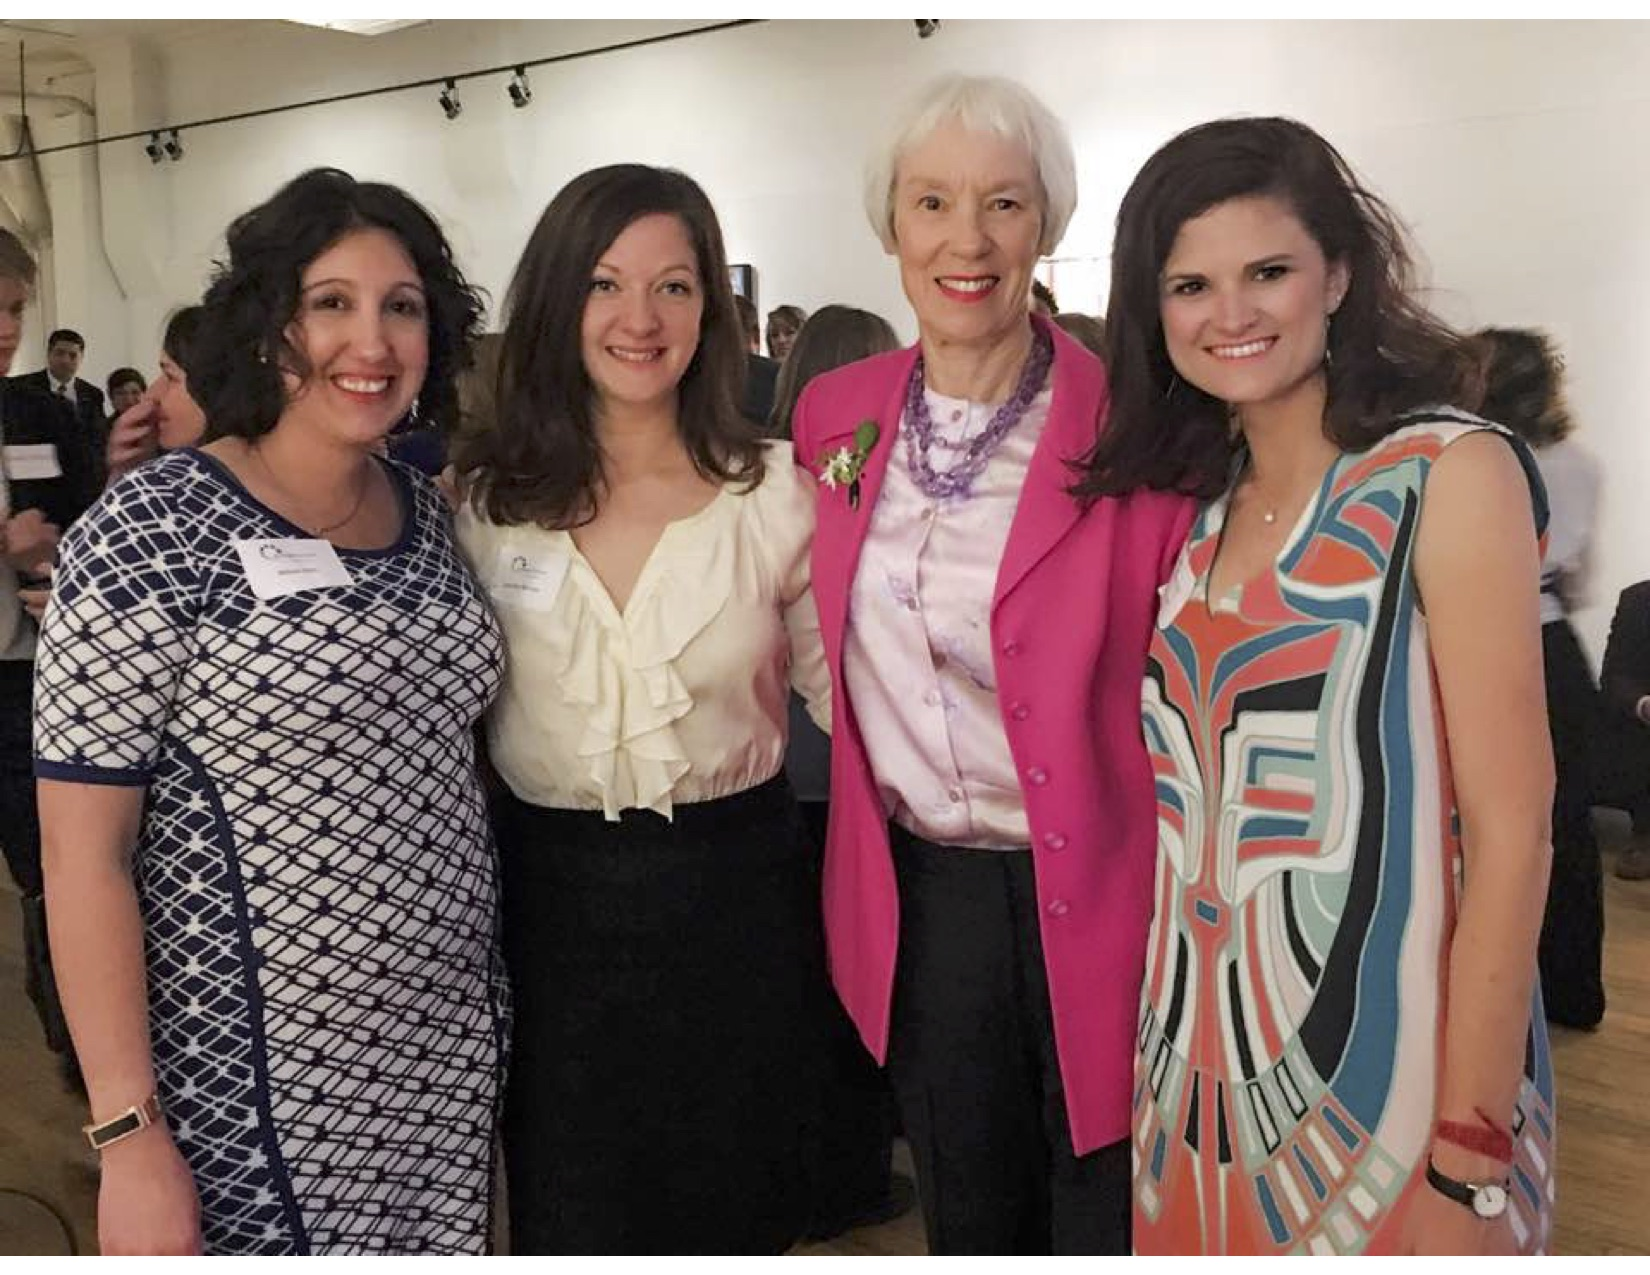 From Left: Allison Hiltz, Jennifer Benson, Gail Schoettler, and Jordan Henry